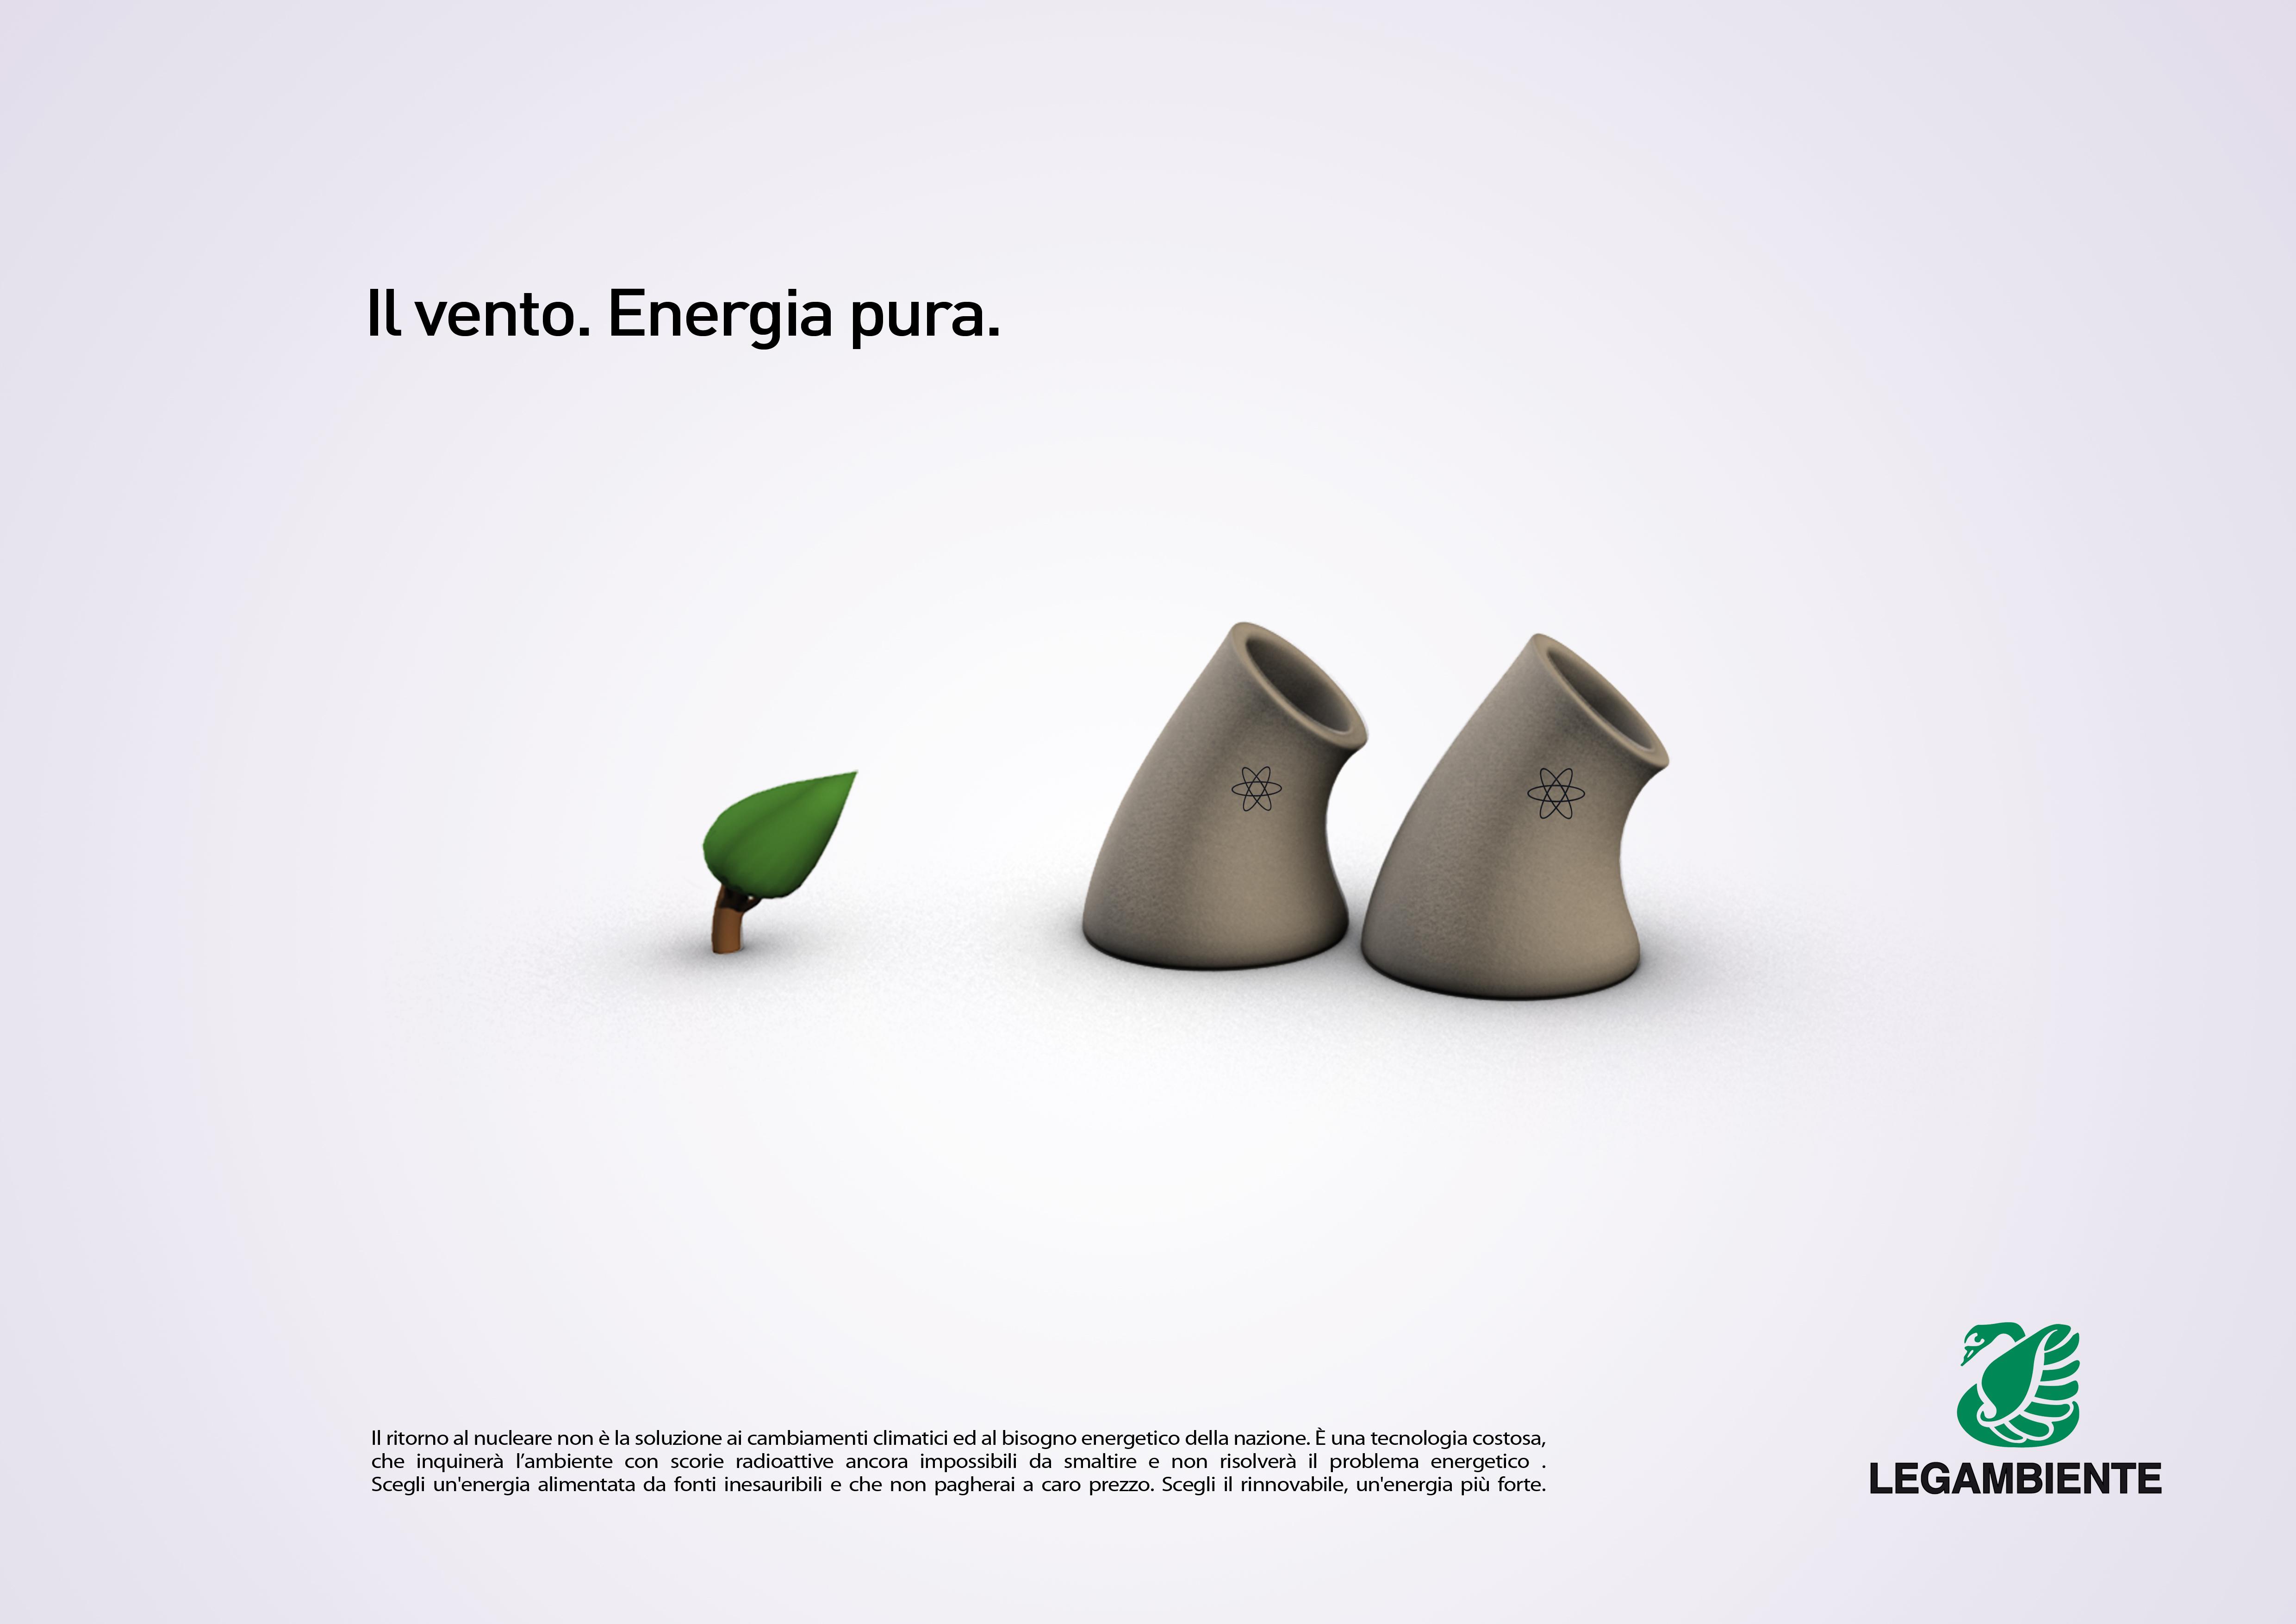 legambiente_wind